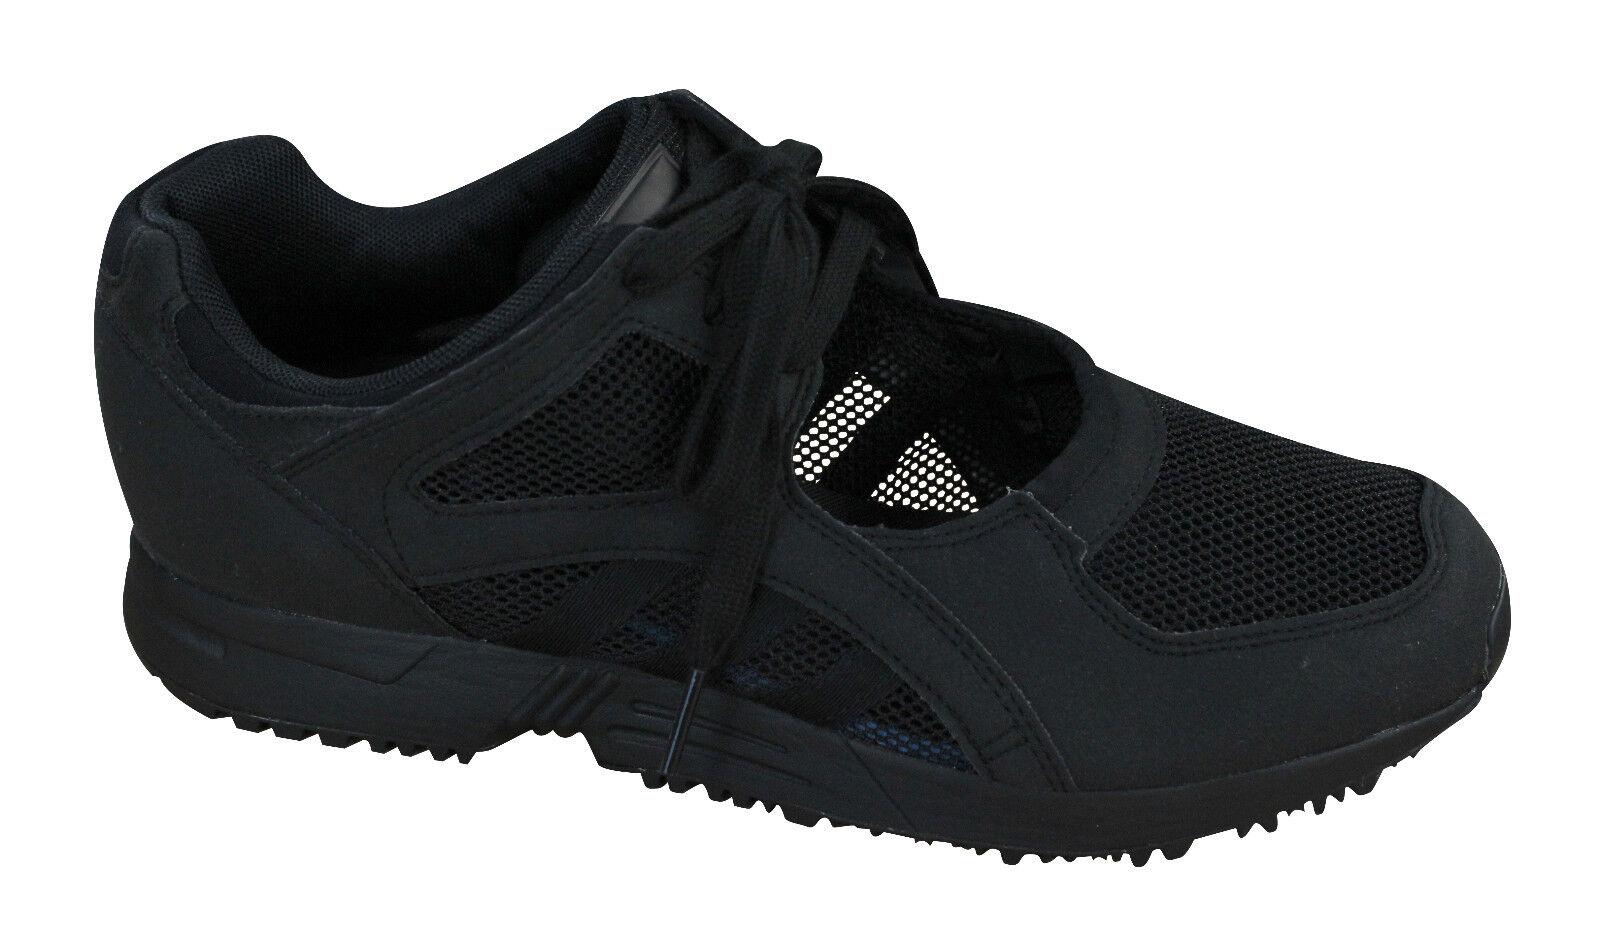 Adidas Originals Eqt Rennsport 91 Spitze, Schwarz Ausgeschnitten